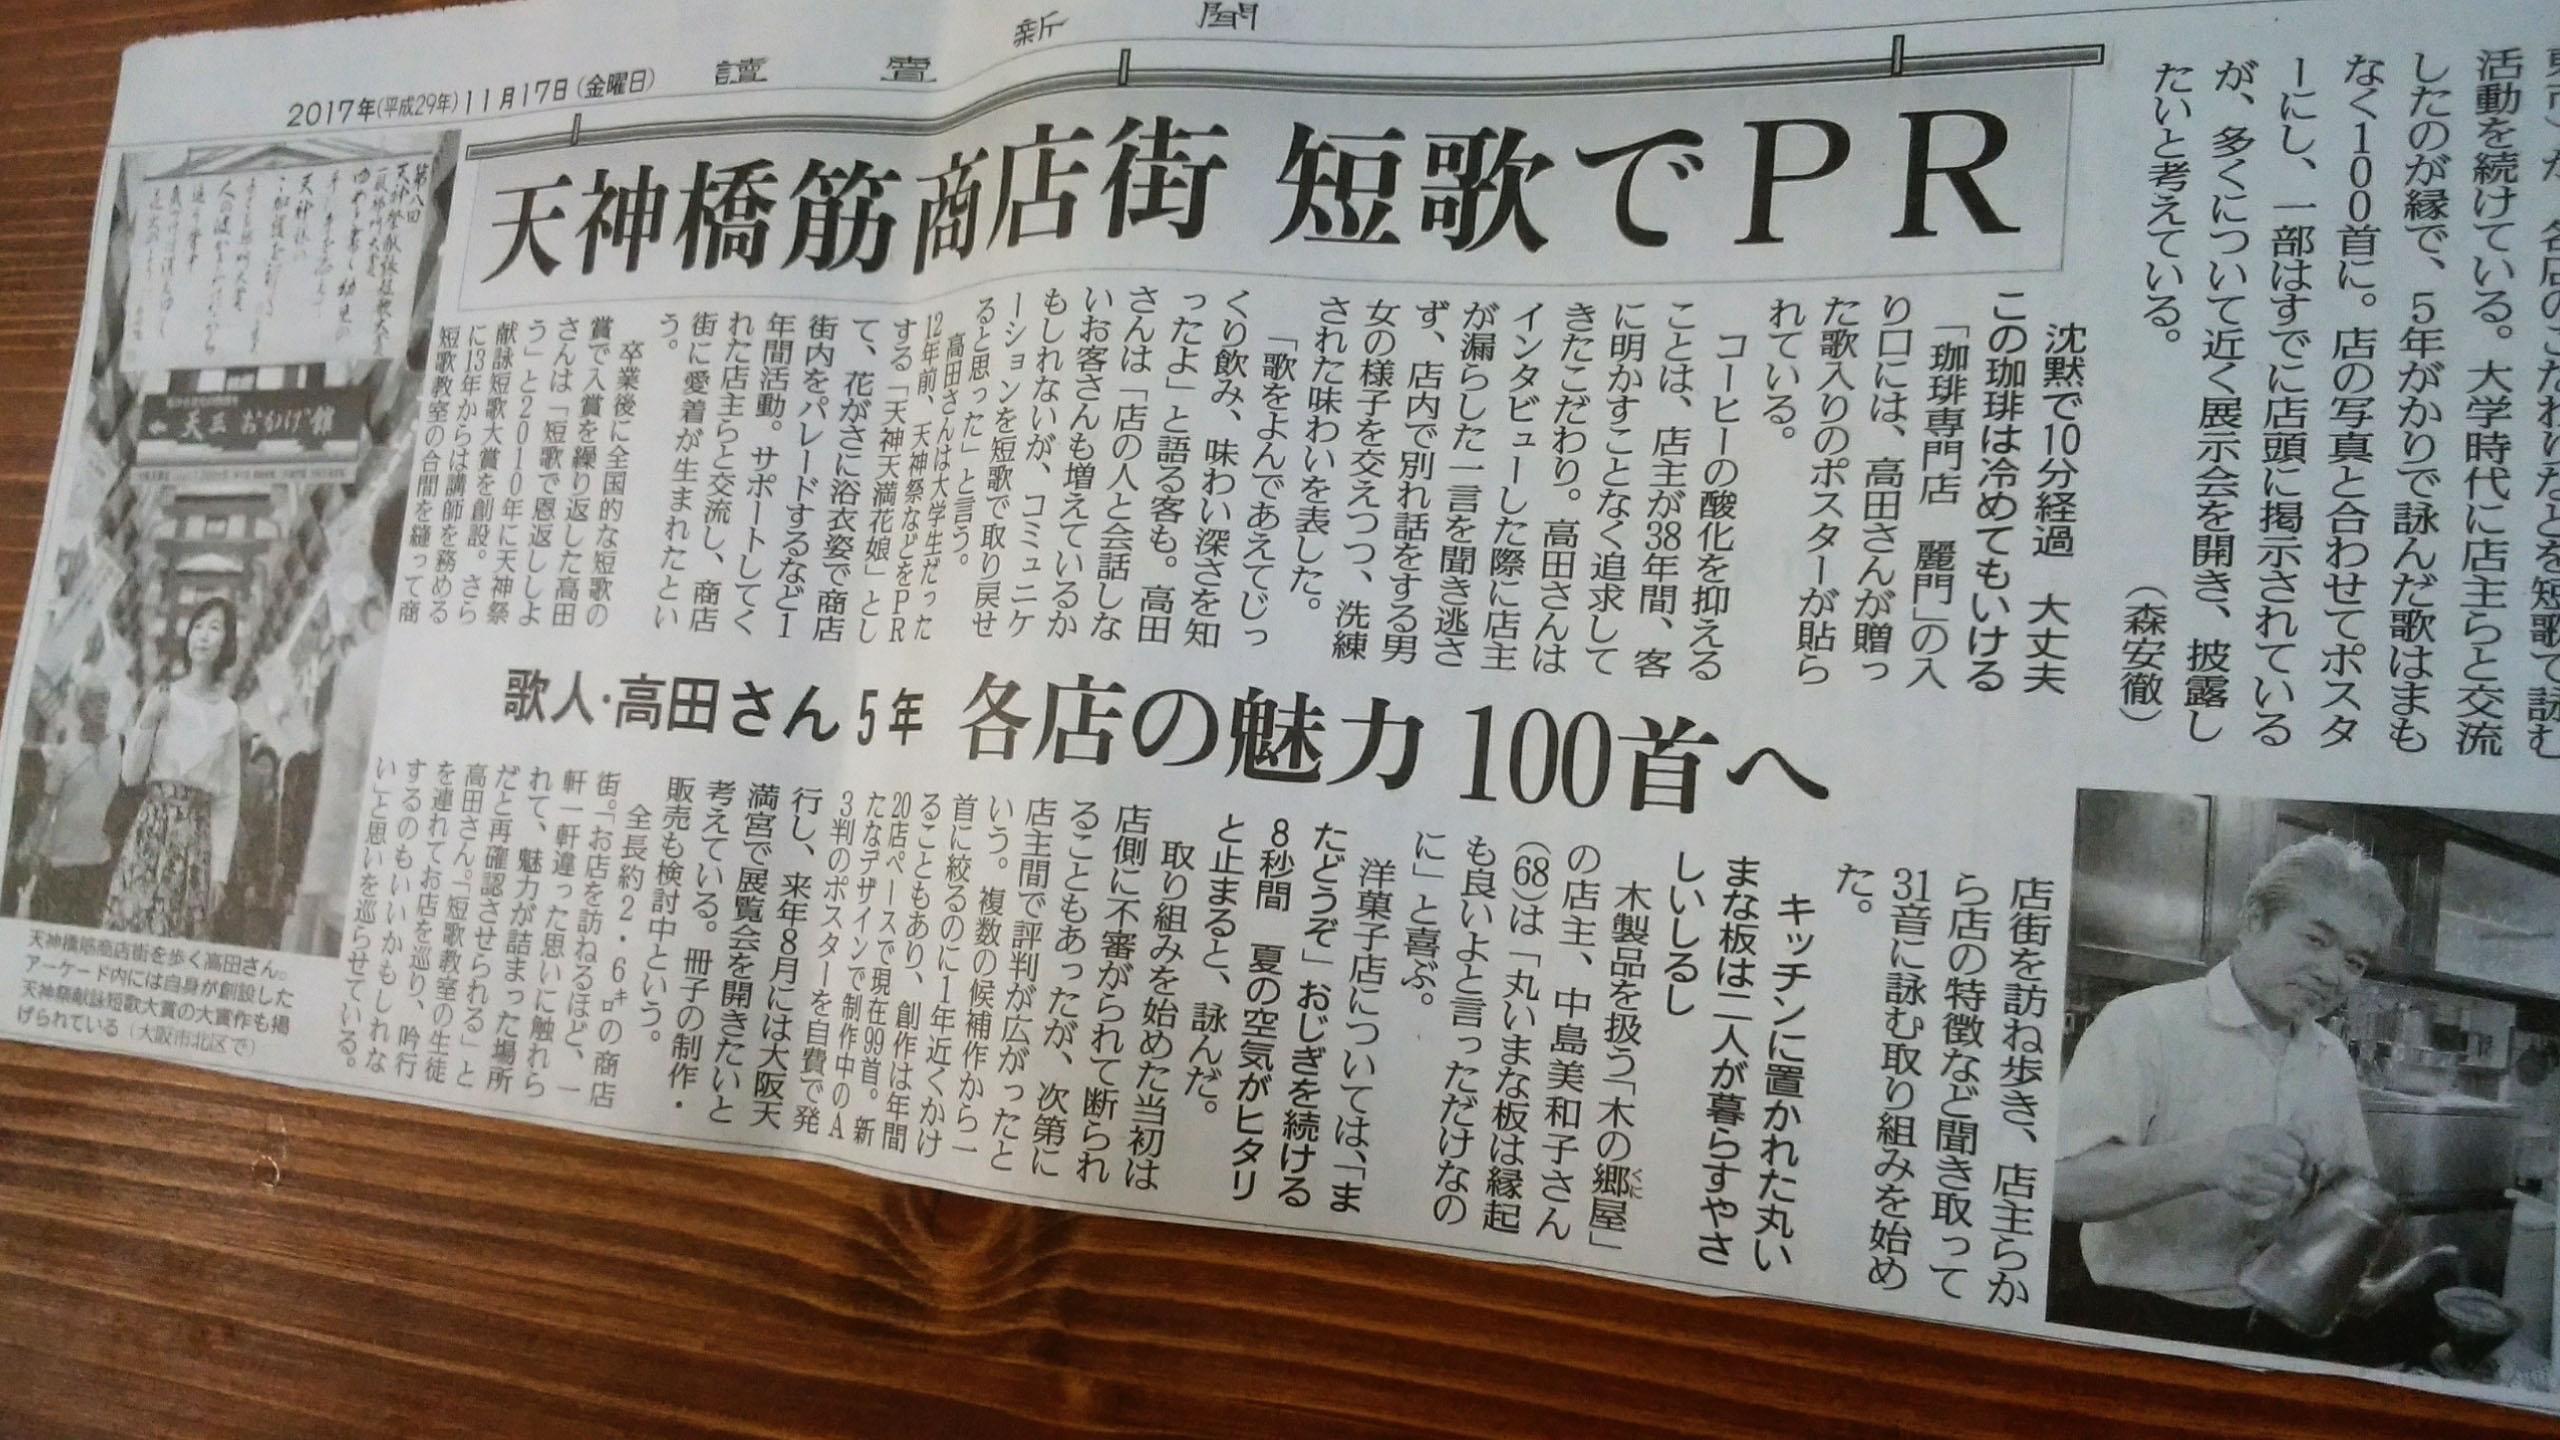 2017年11月 読売新聞に、天神橋筋商店街の短歌ポスターのことを取り上げていただきました